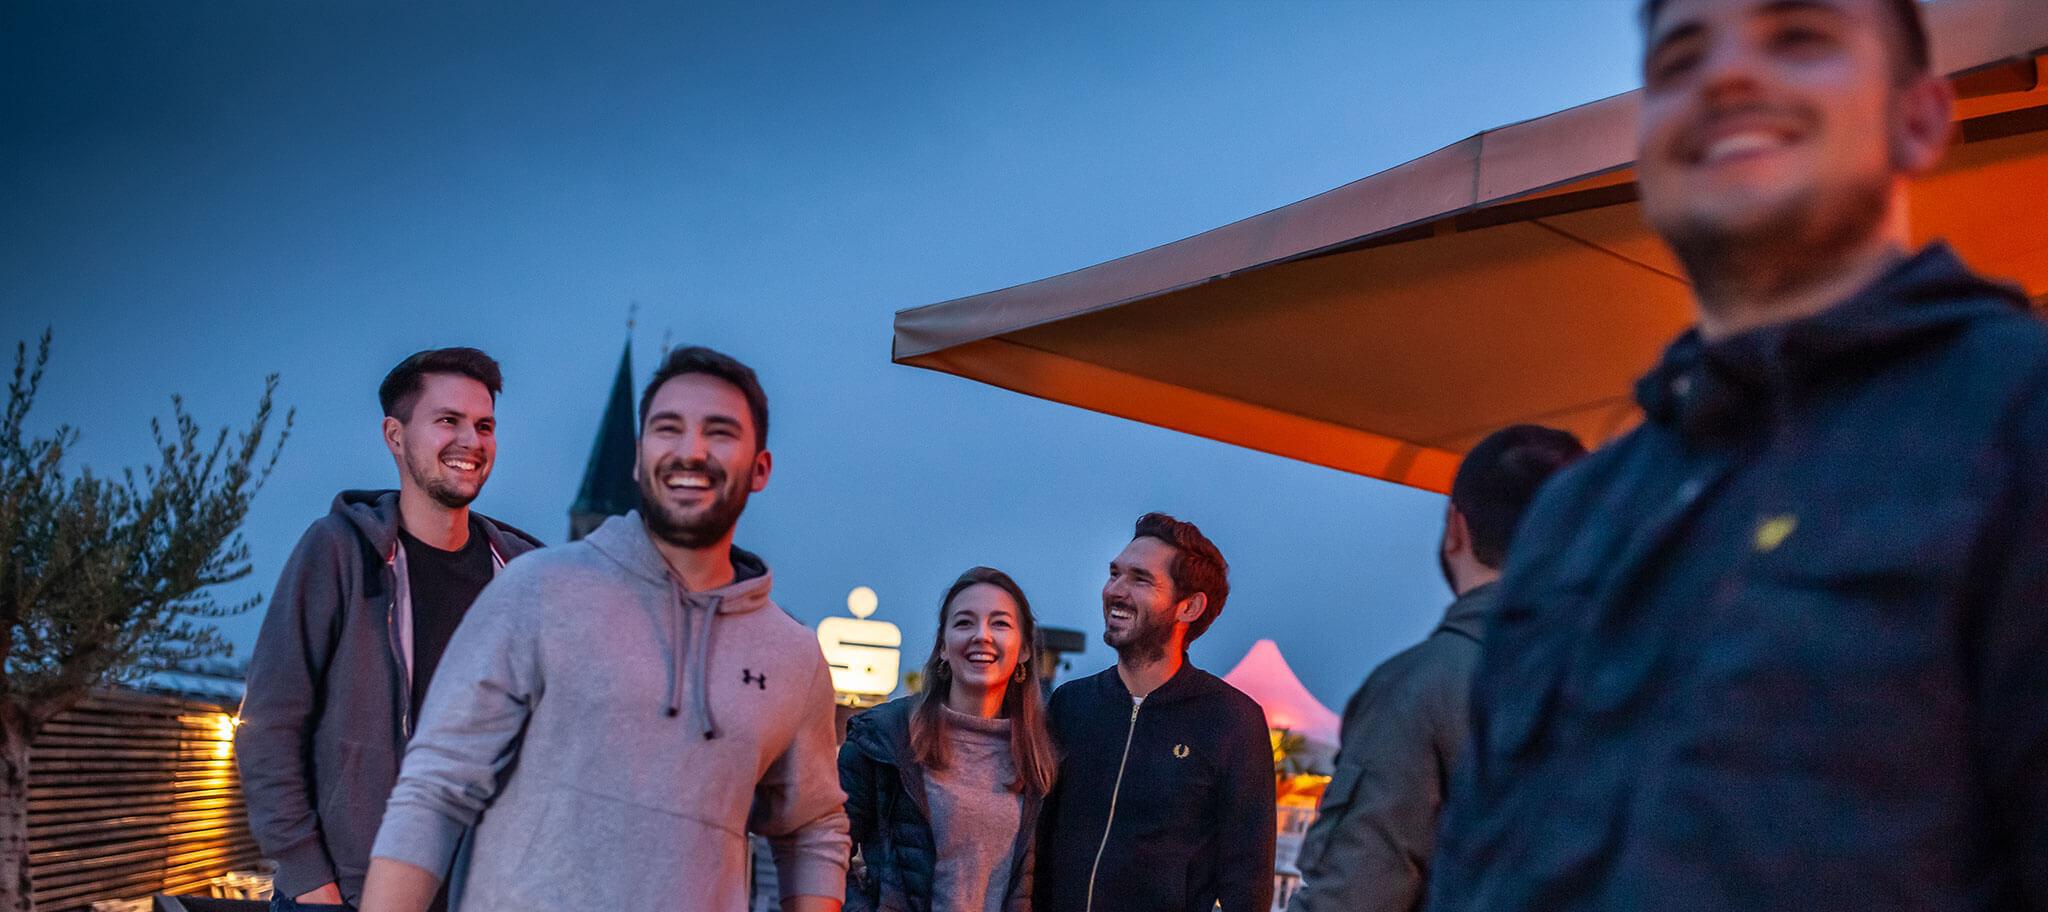 Rooftop Games by Braunschweigische Landessparkasse